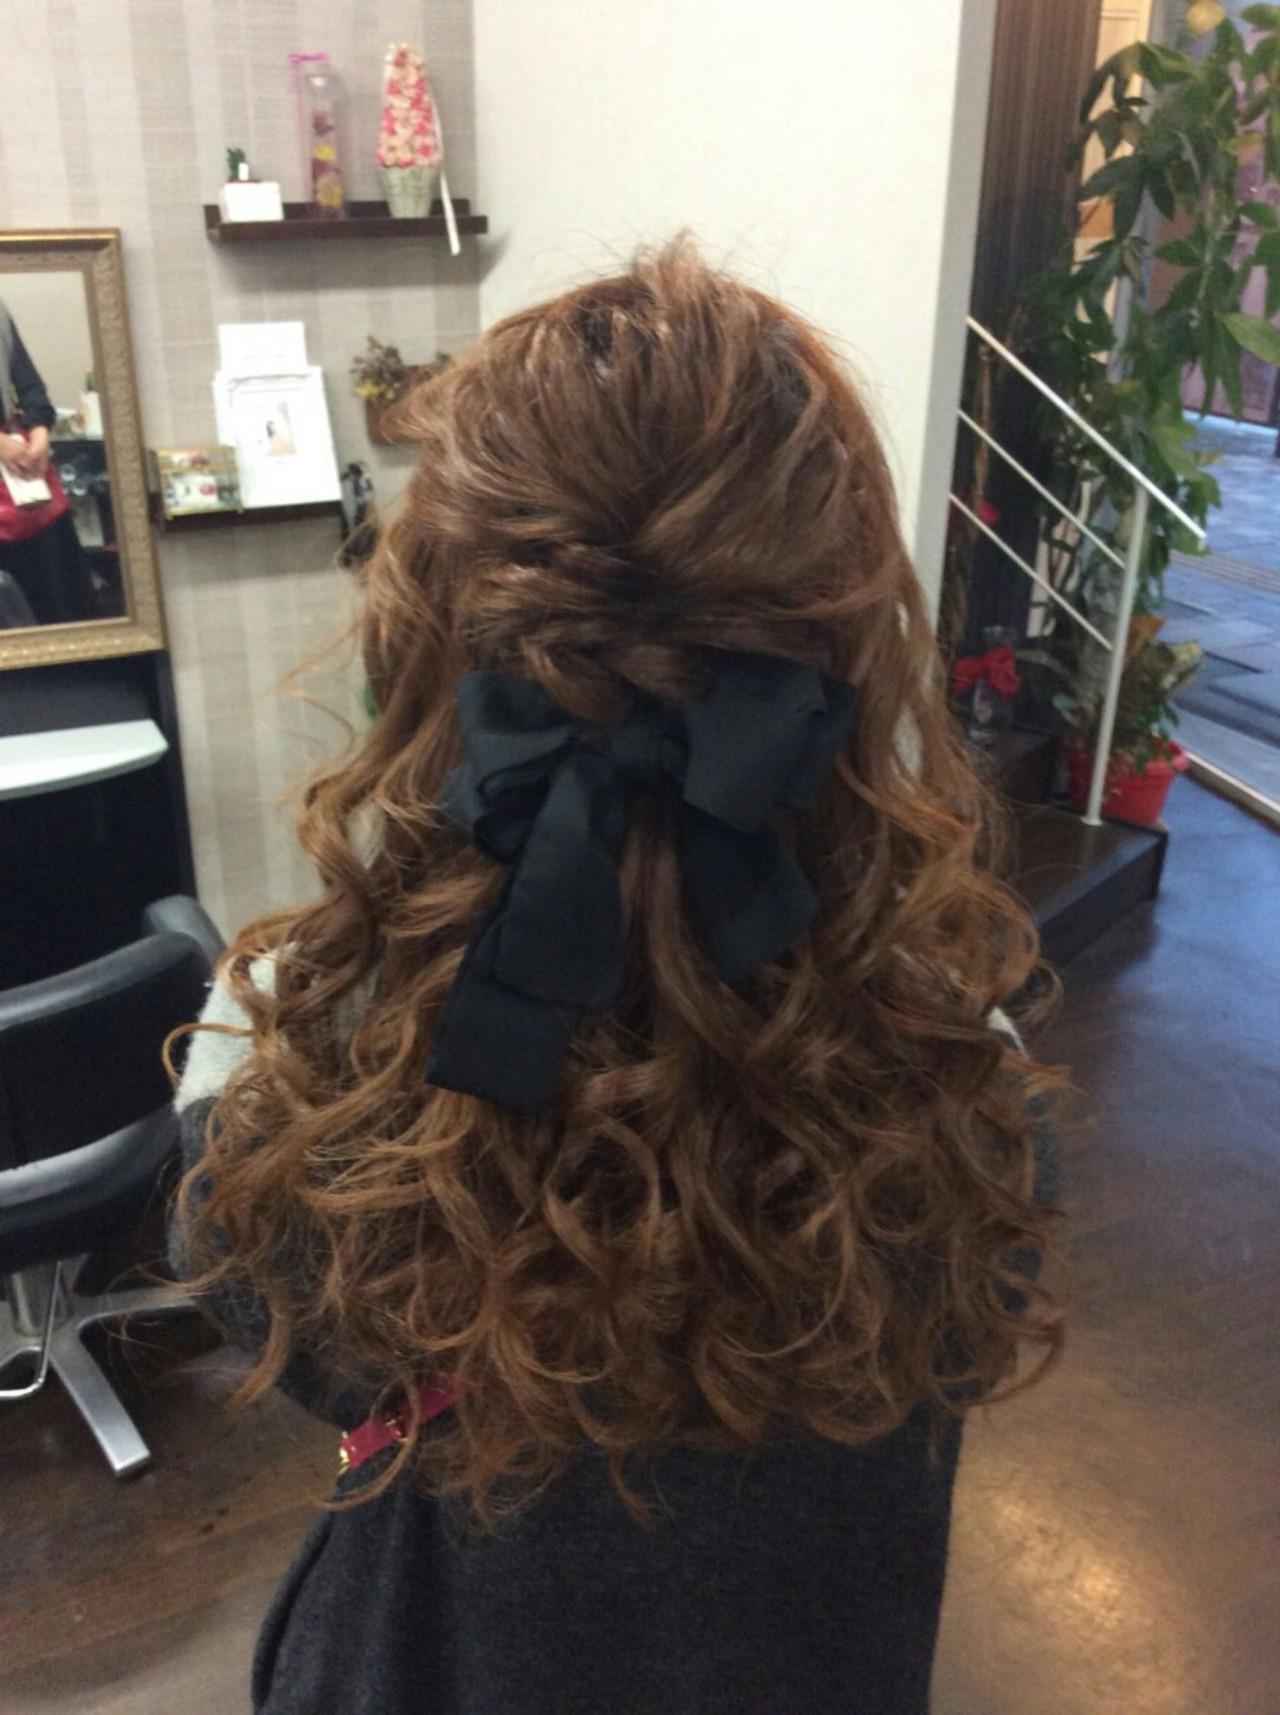 ナチュラル ヘアアレンジ ロング ハーフアップヘアスタイルや髪型の写真・画像